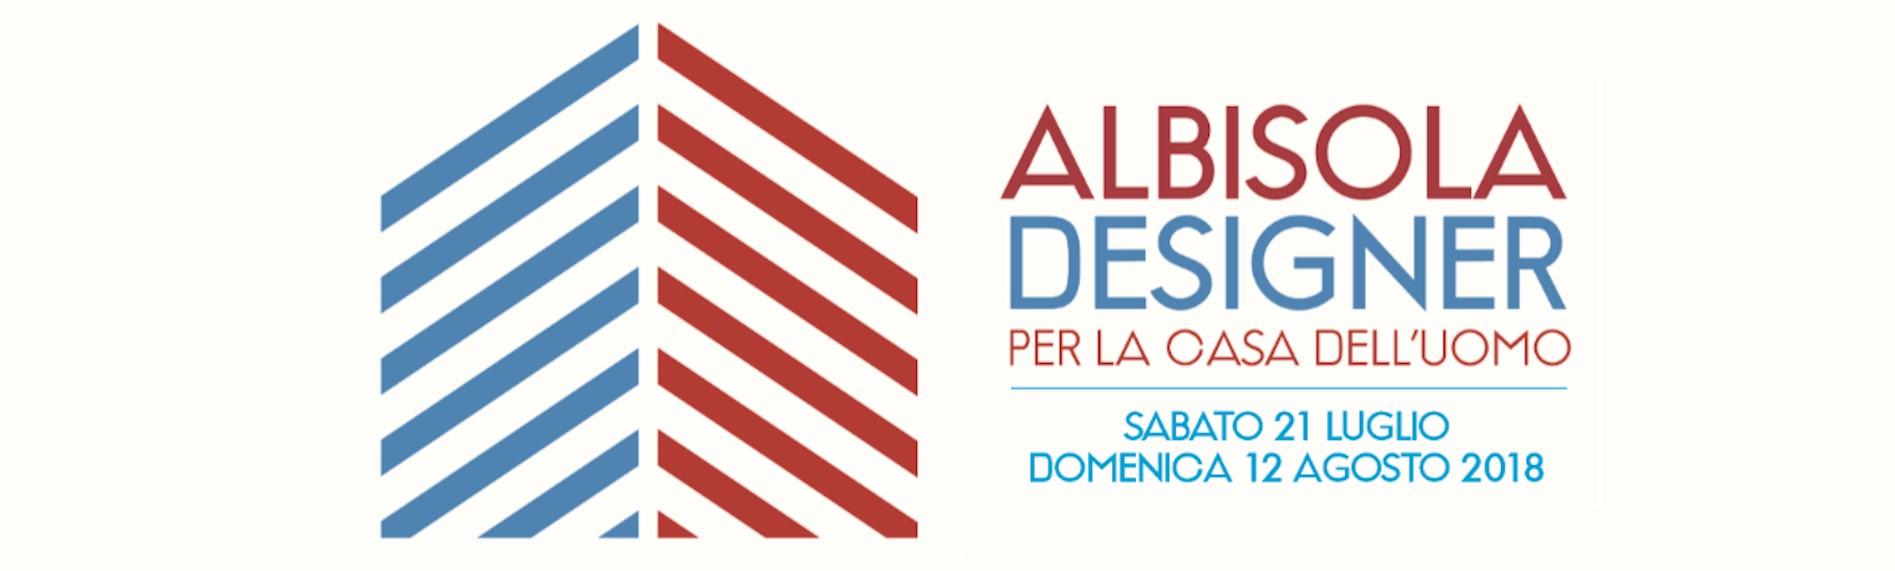 ALBISOLA DESIGNER